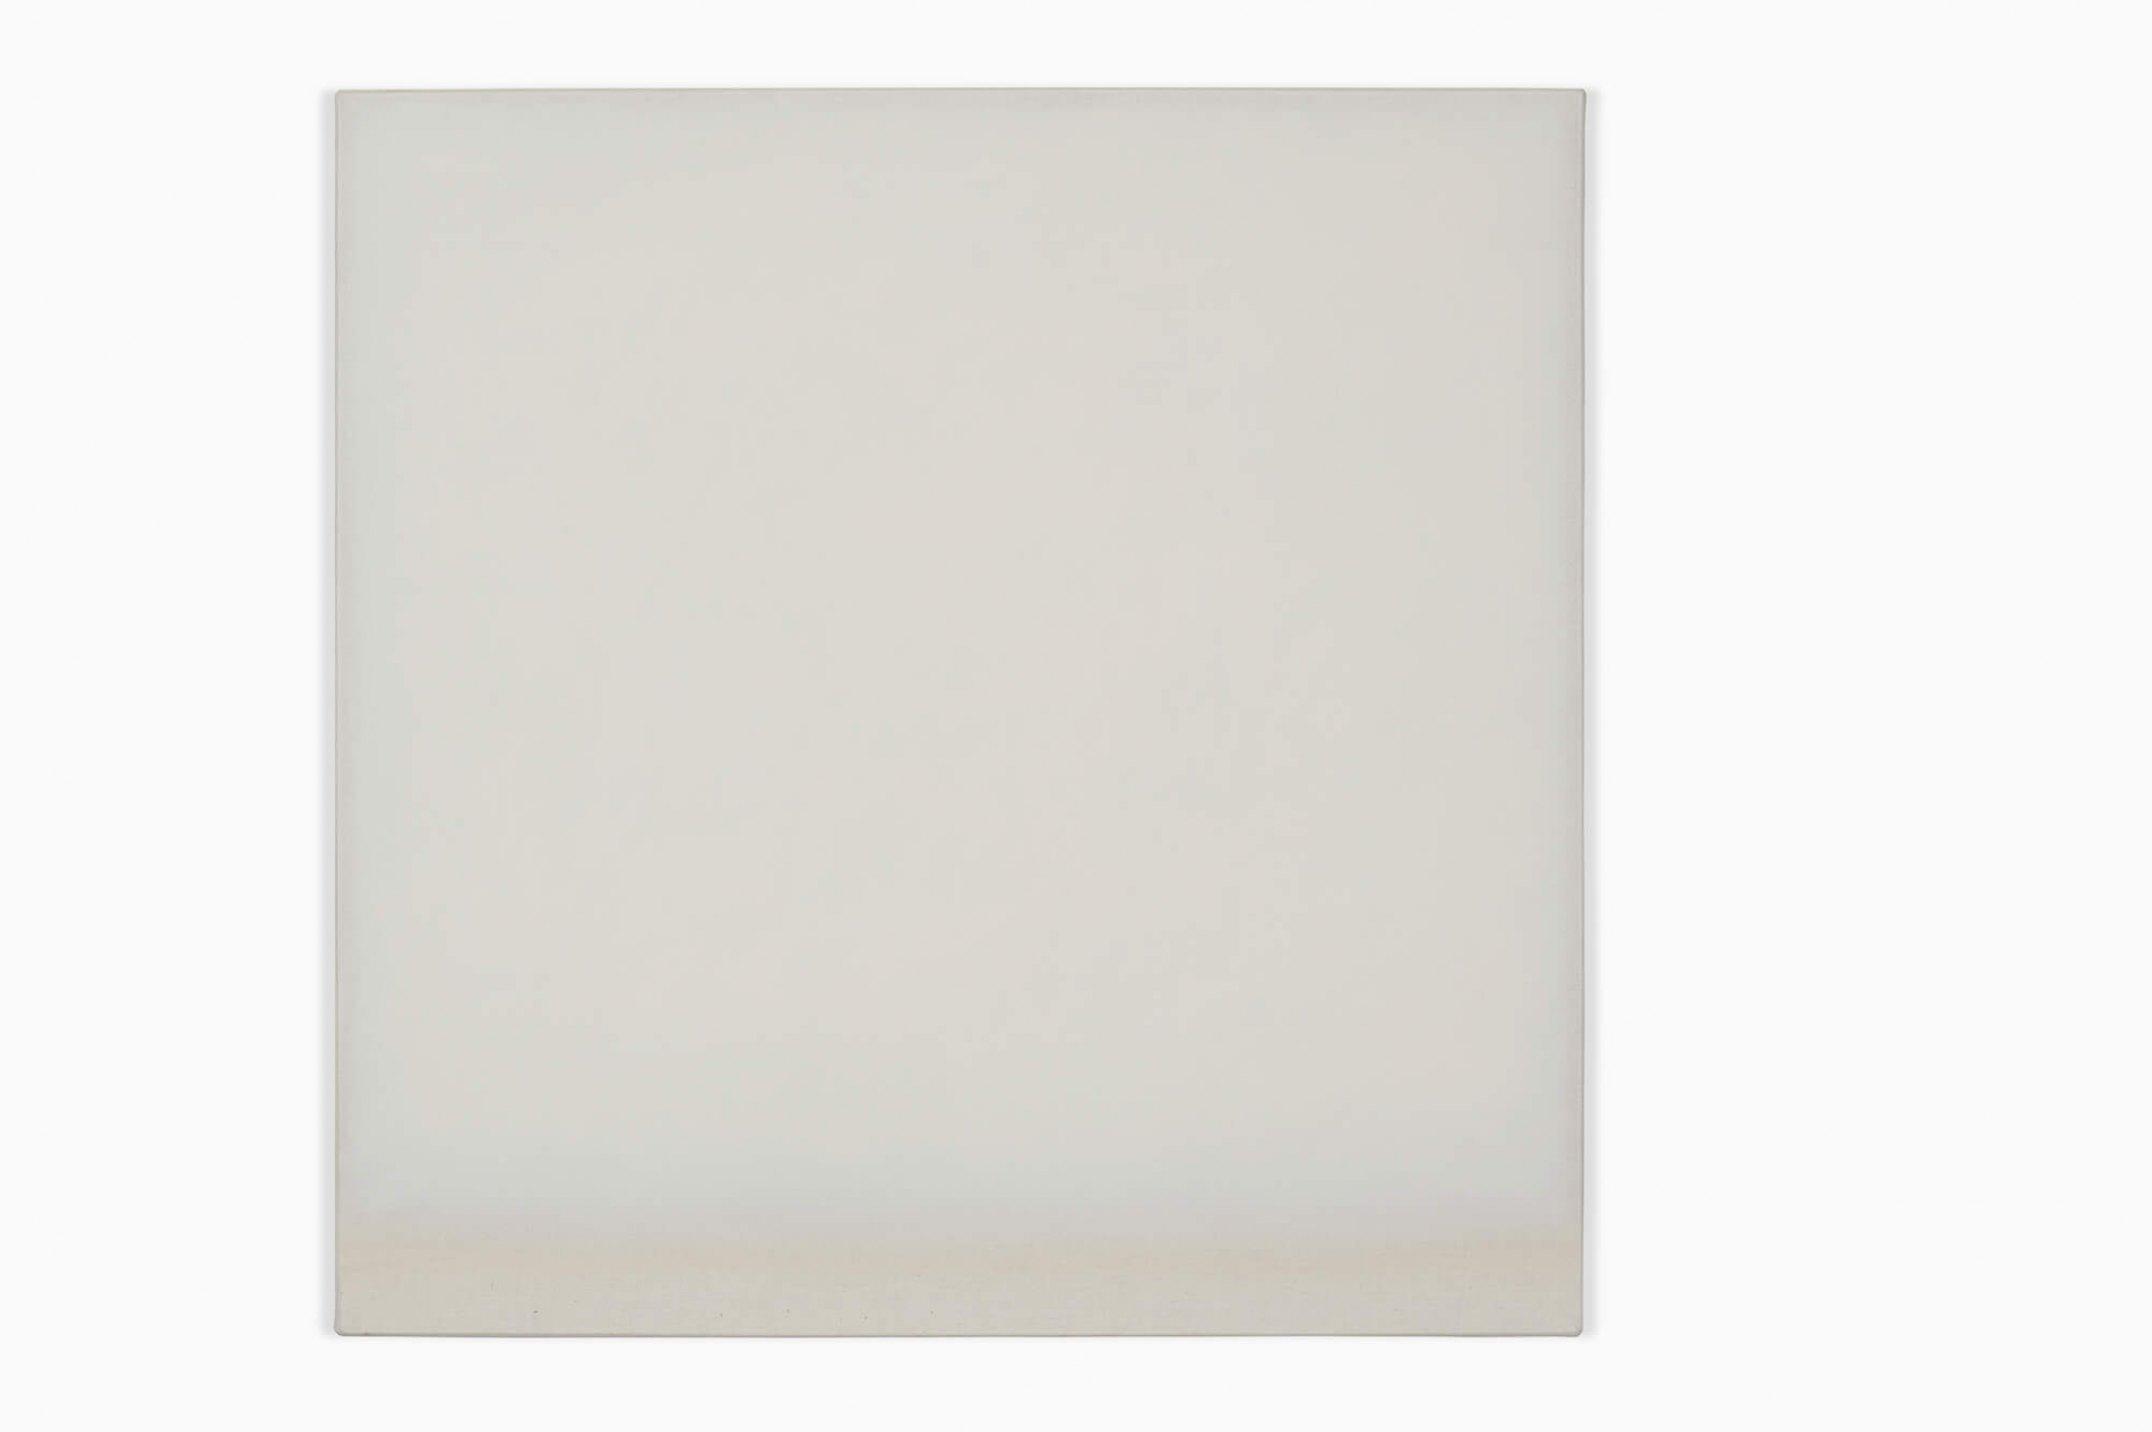 Lucas Arruda,<em>untitled</em>, 2016, oil on canvas, 50 × 50 cm - Mendes Wood DM